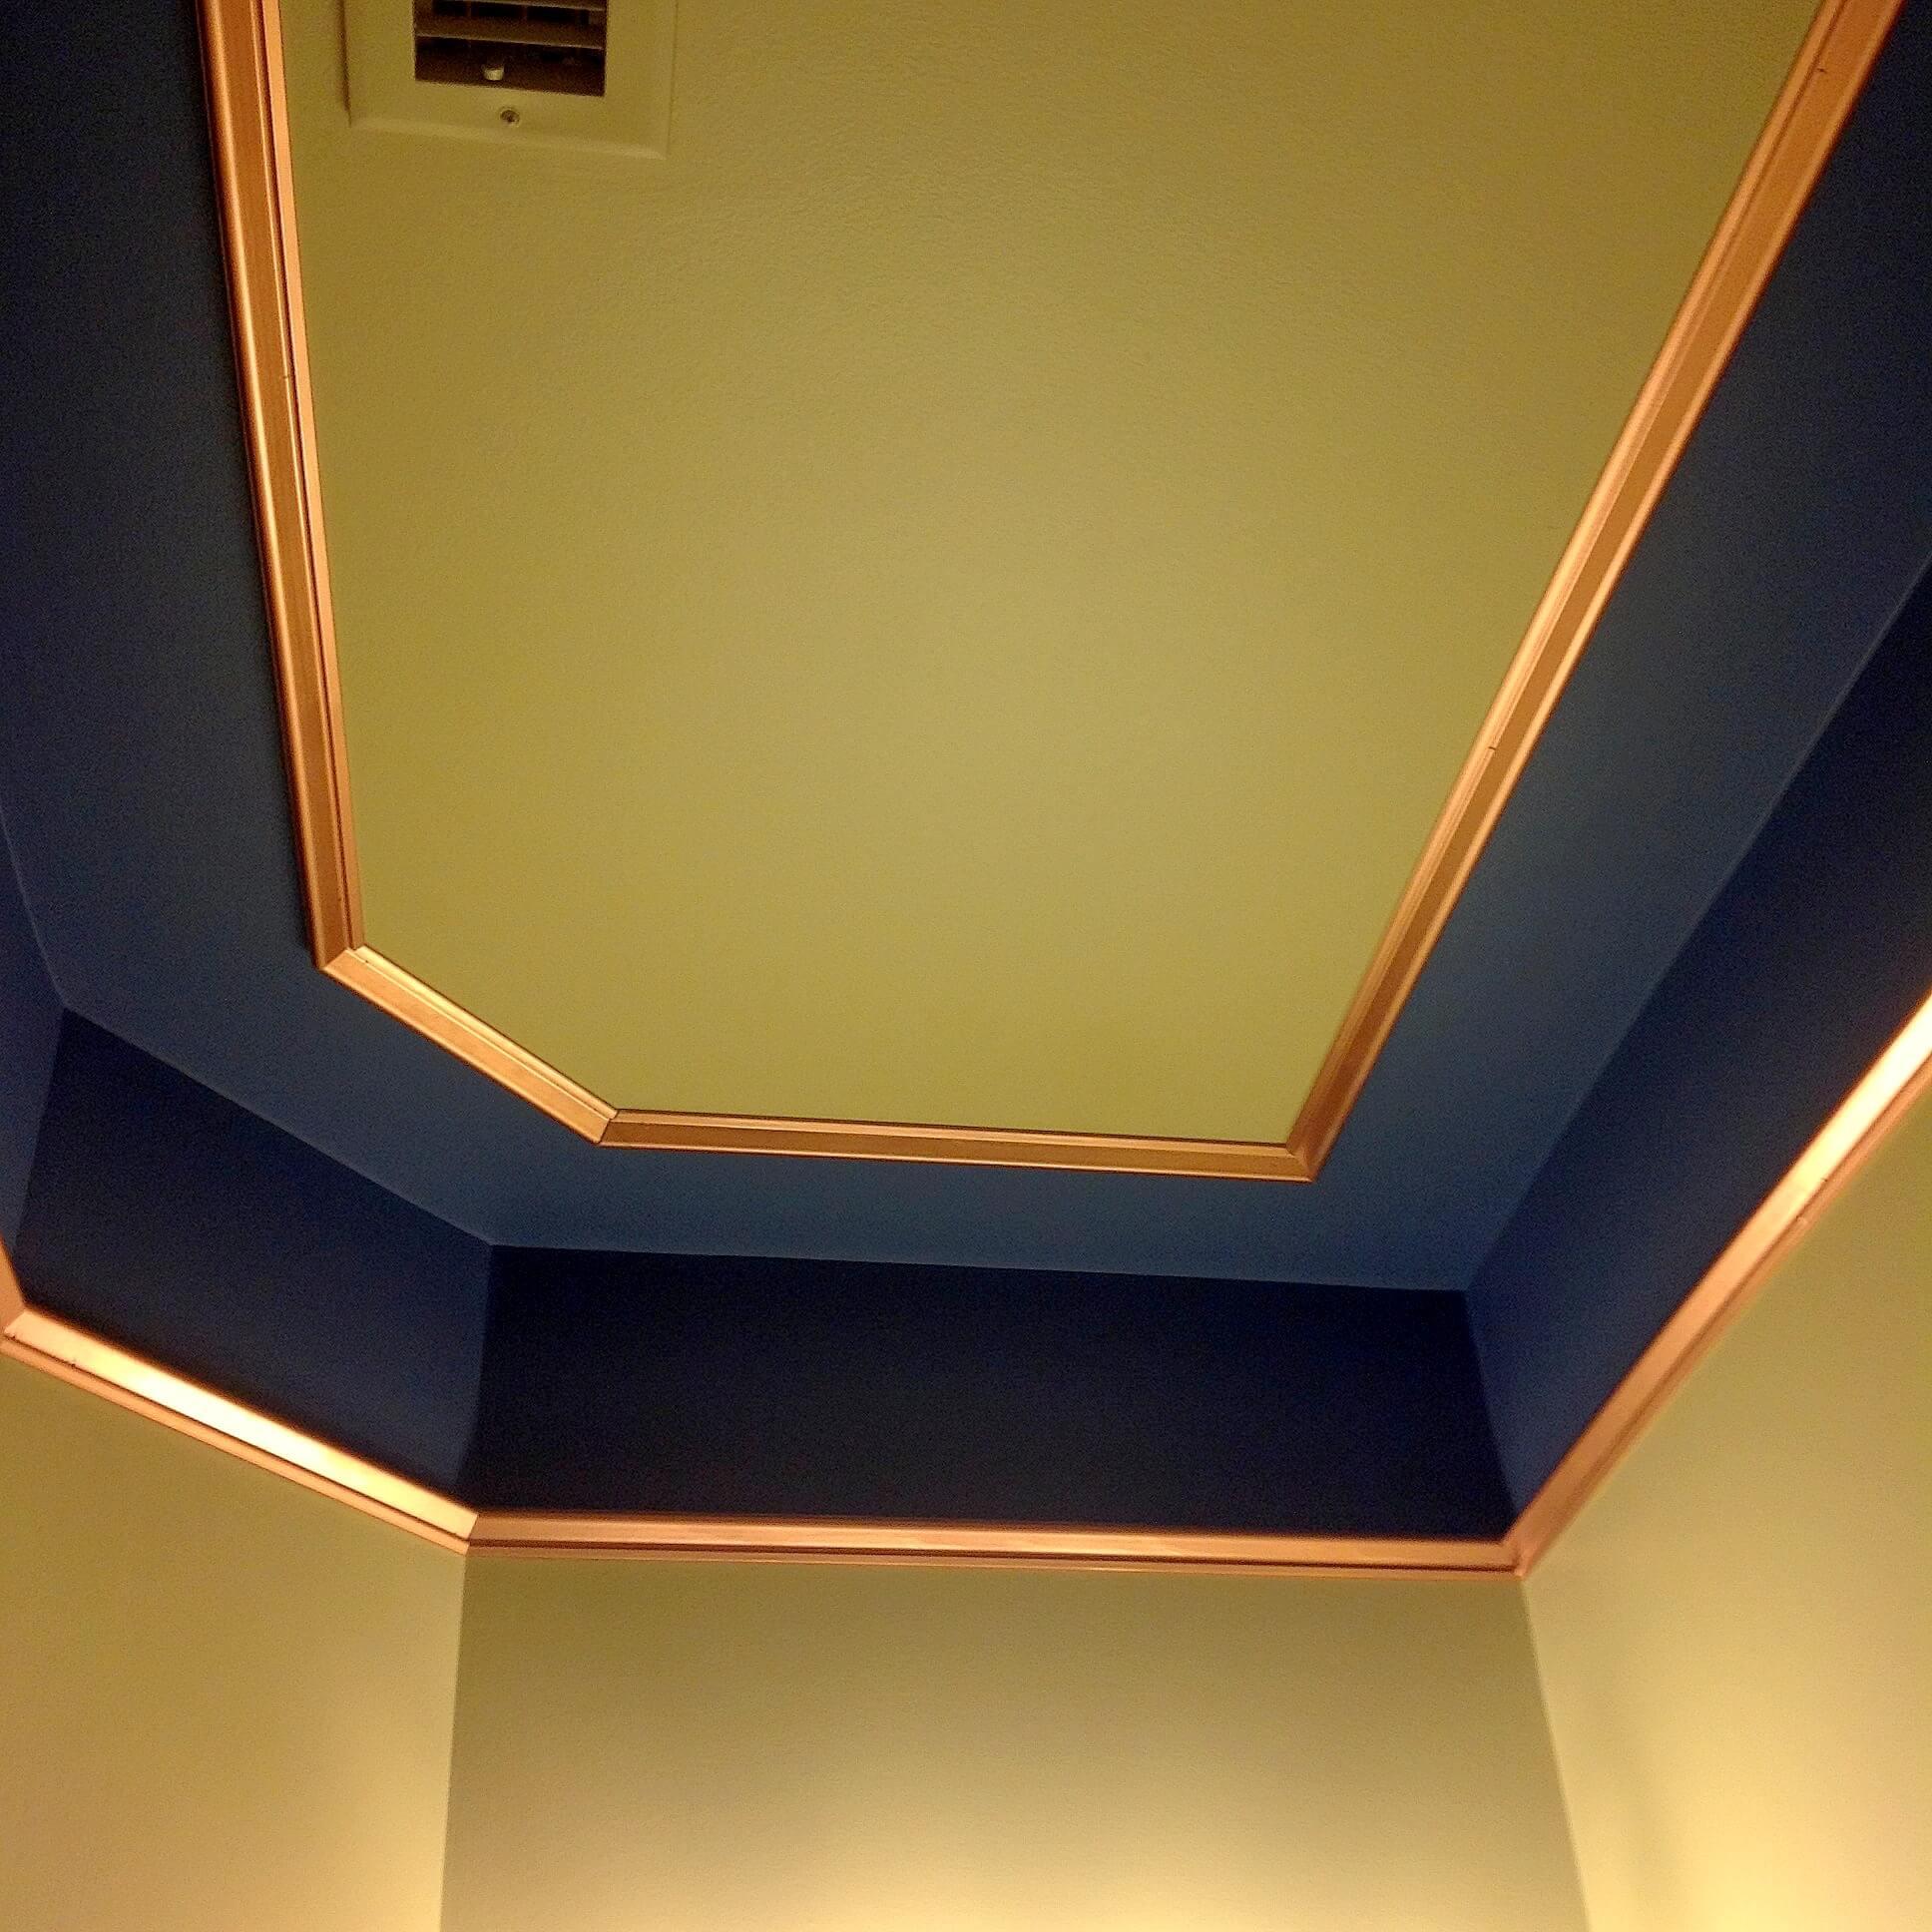 color-trim-copper-ceiling-design.JPG